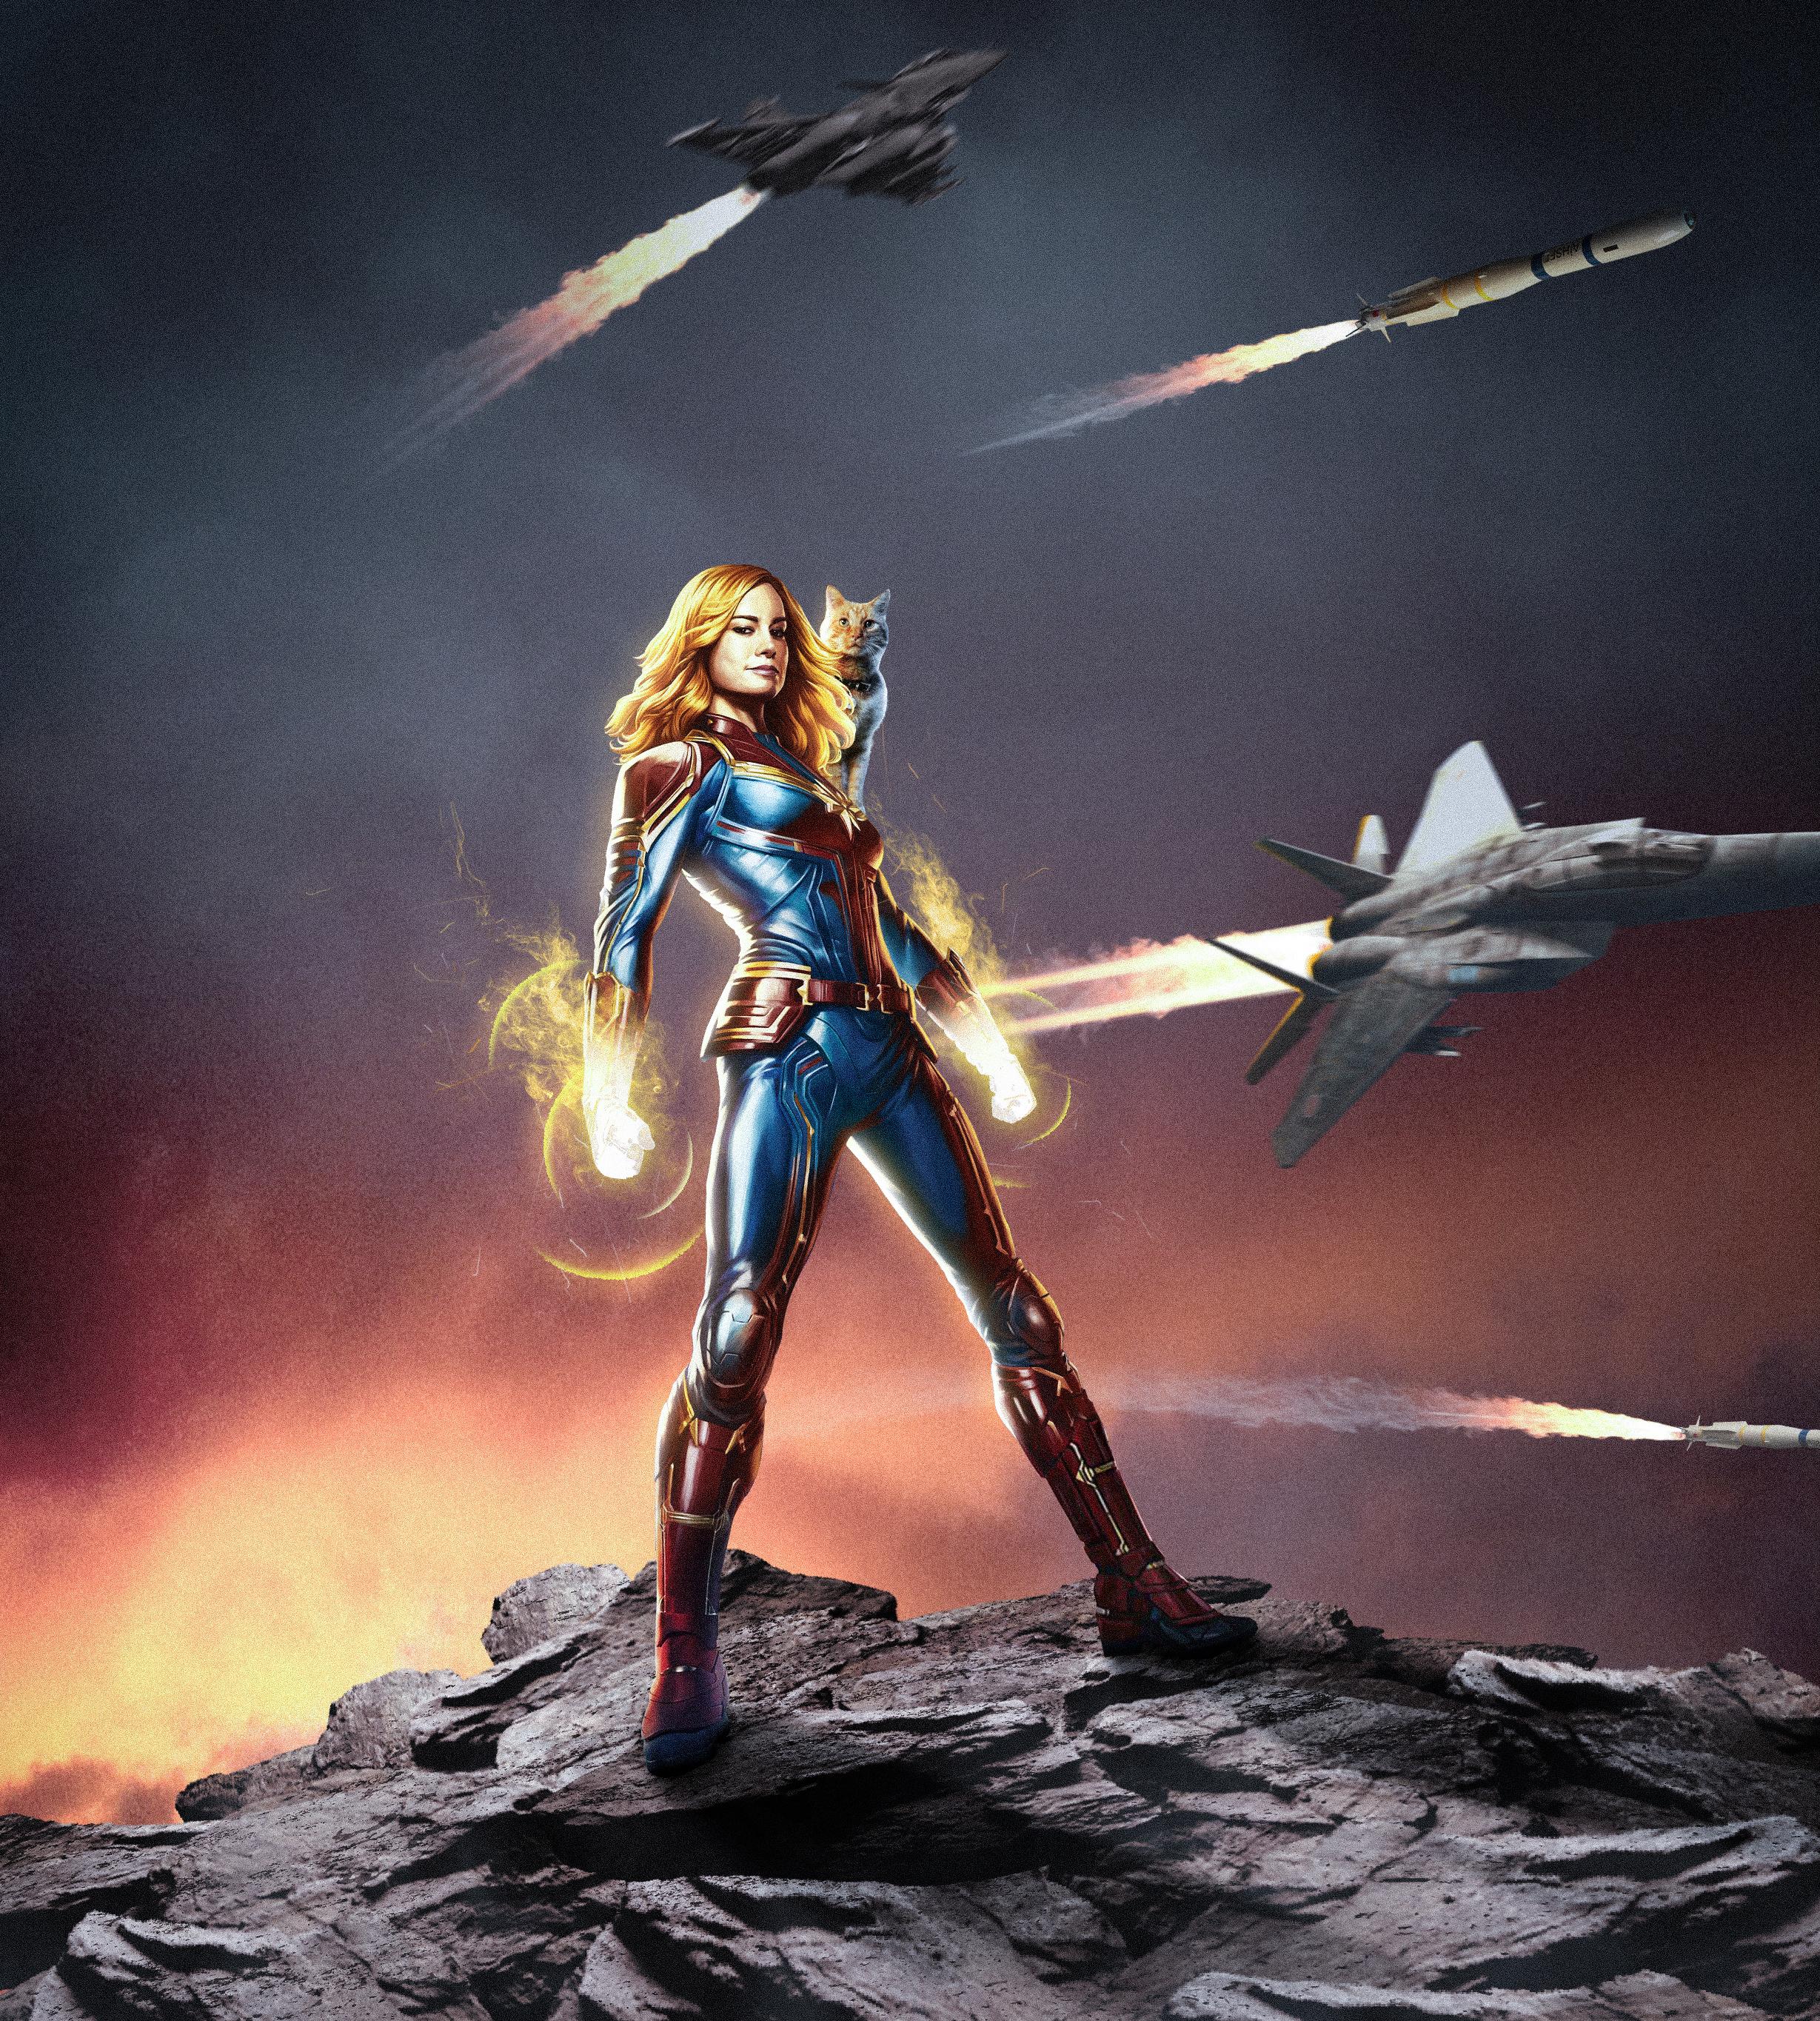 Captain Marvel Movie Poster Art Wallpaper, HD Movies 4K